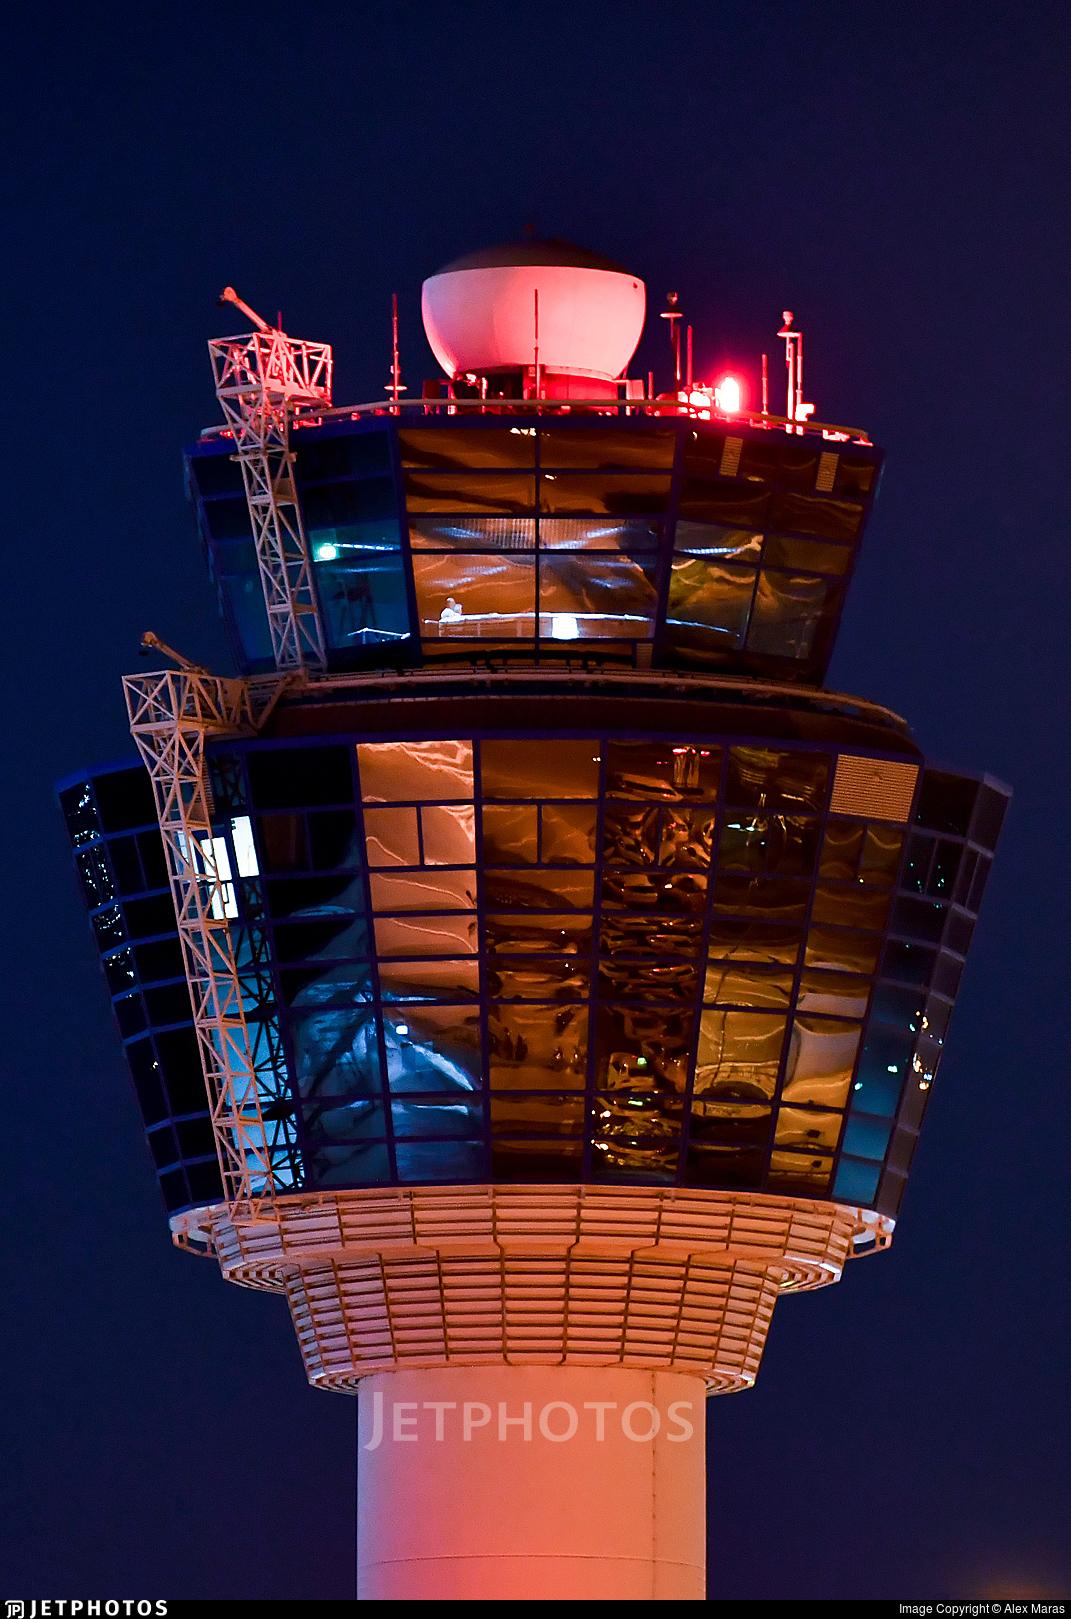 LGAV - Airport - Control Tower